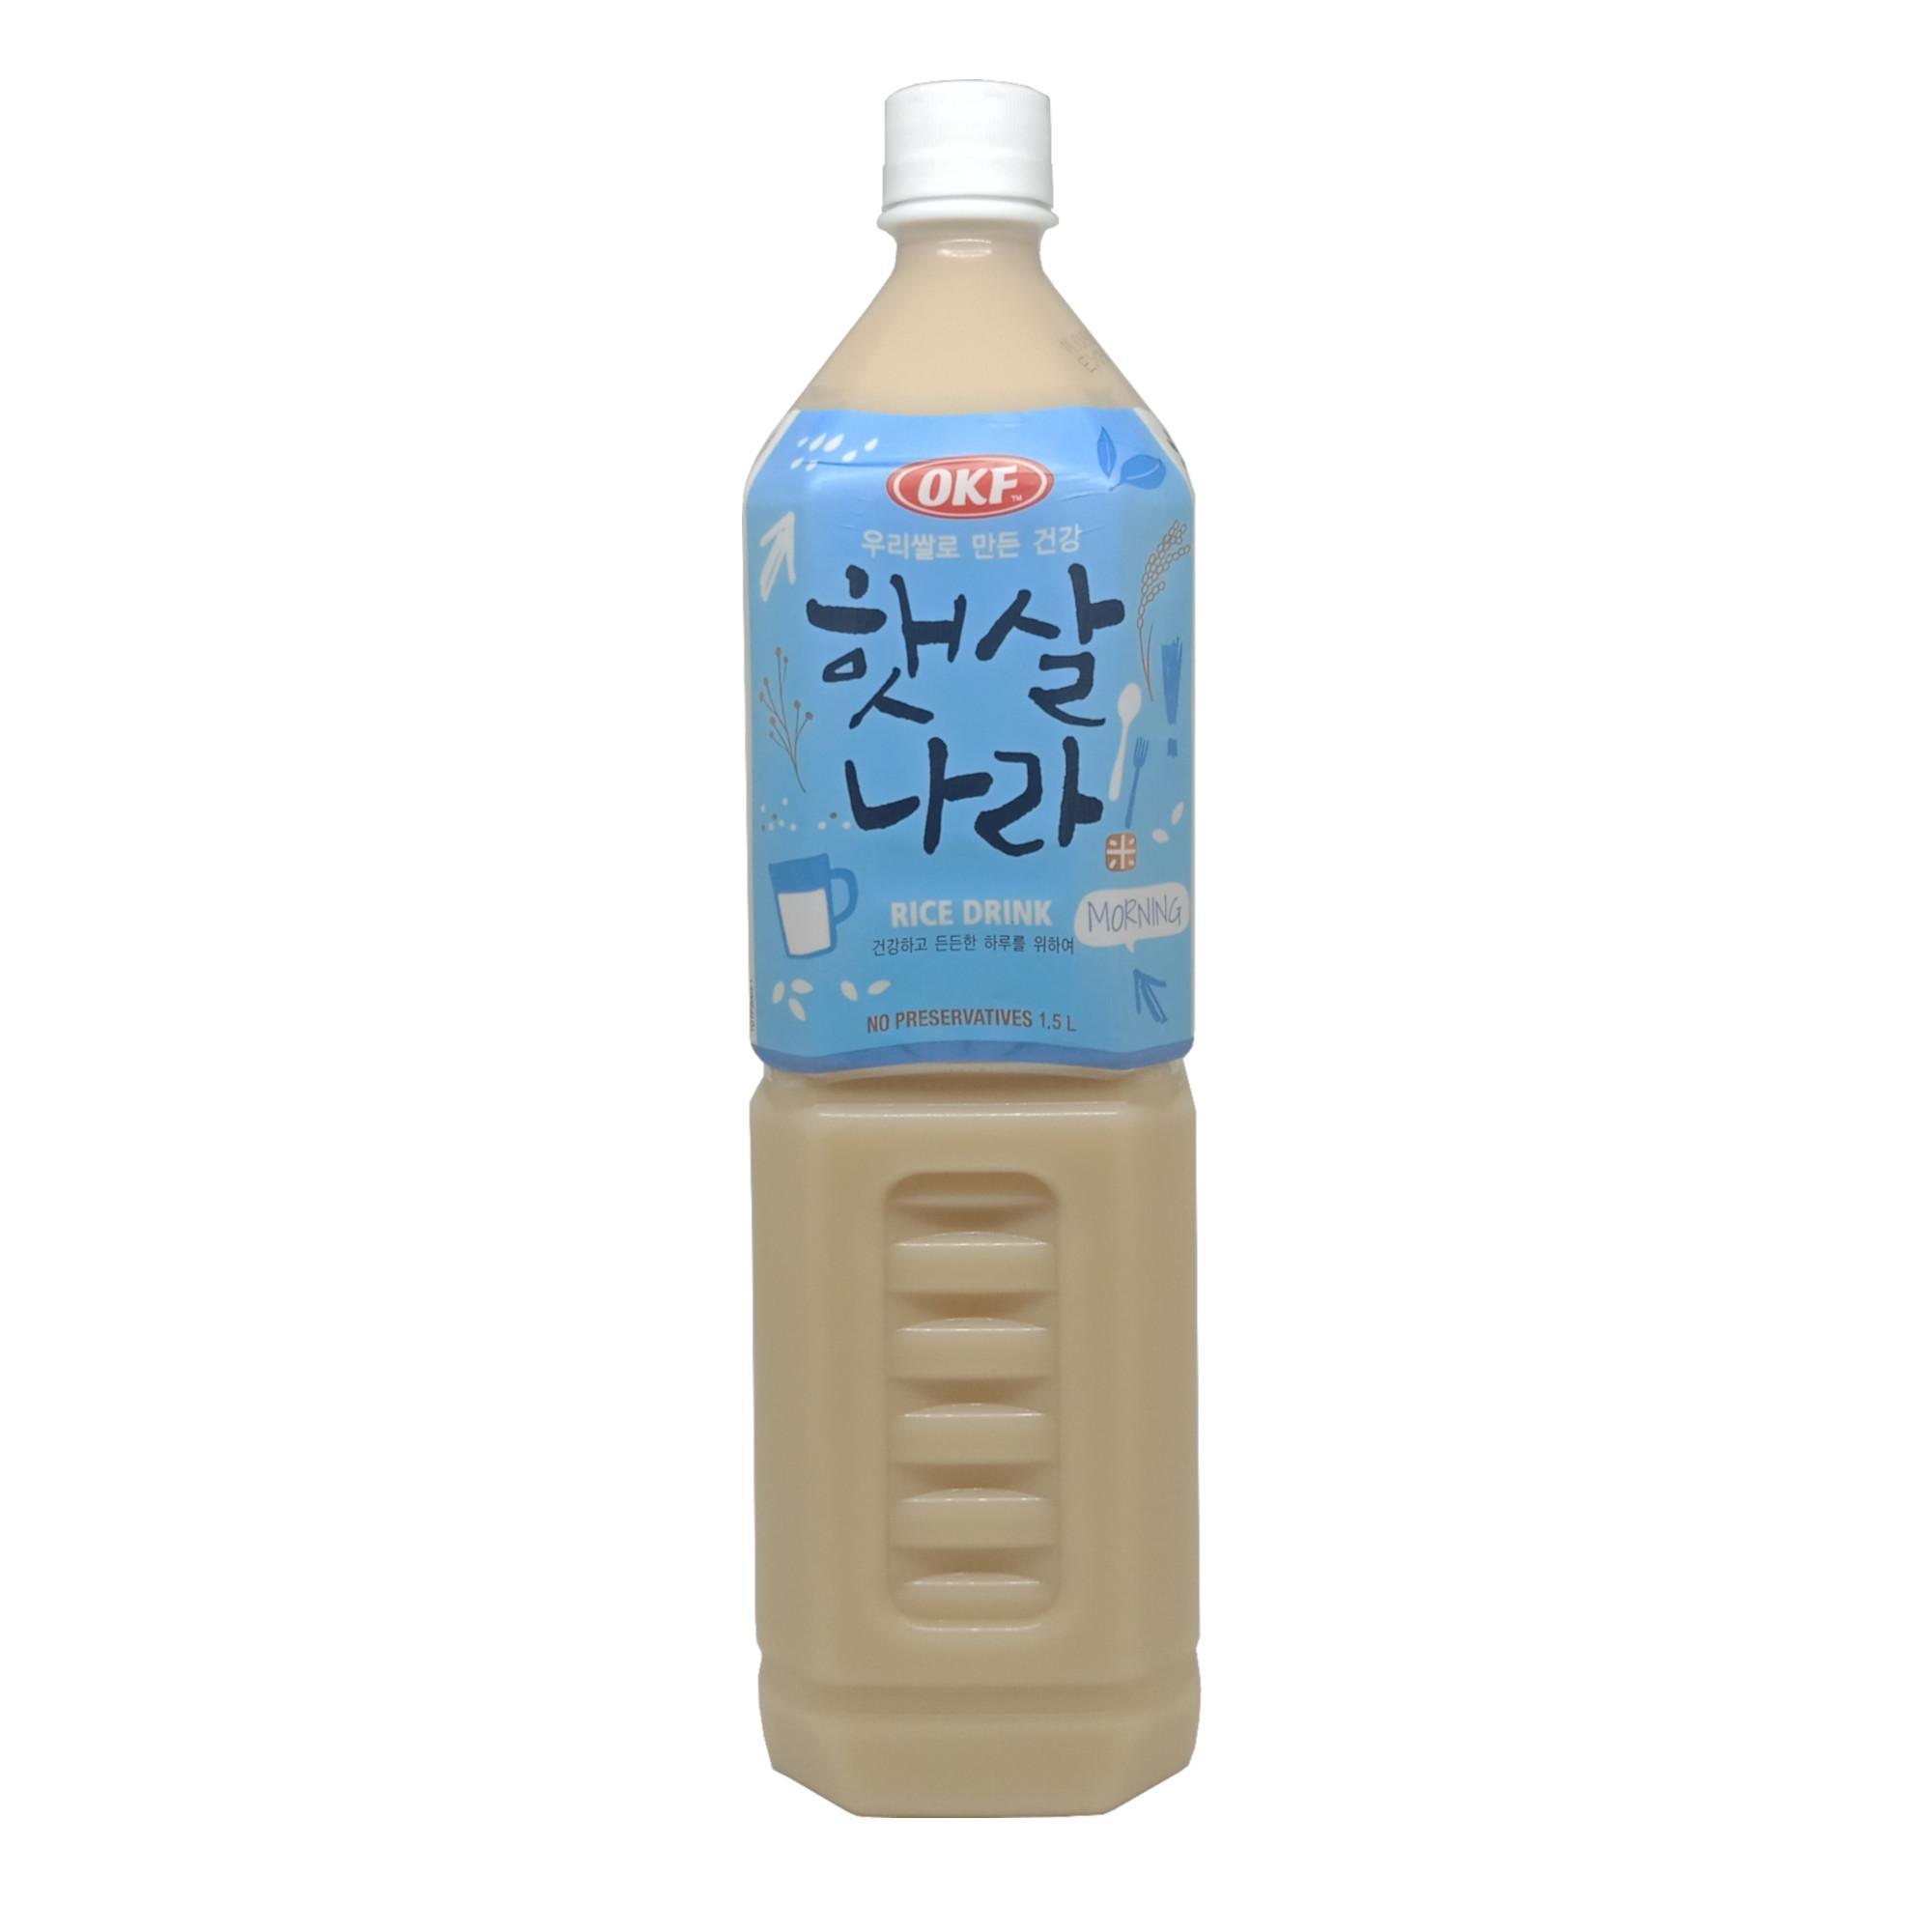 Nước gạo Hàn Quốc OKF 1.5L